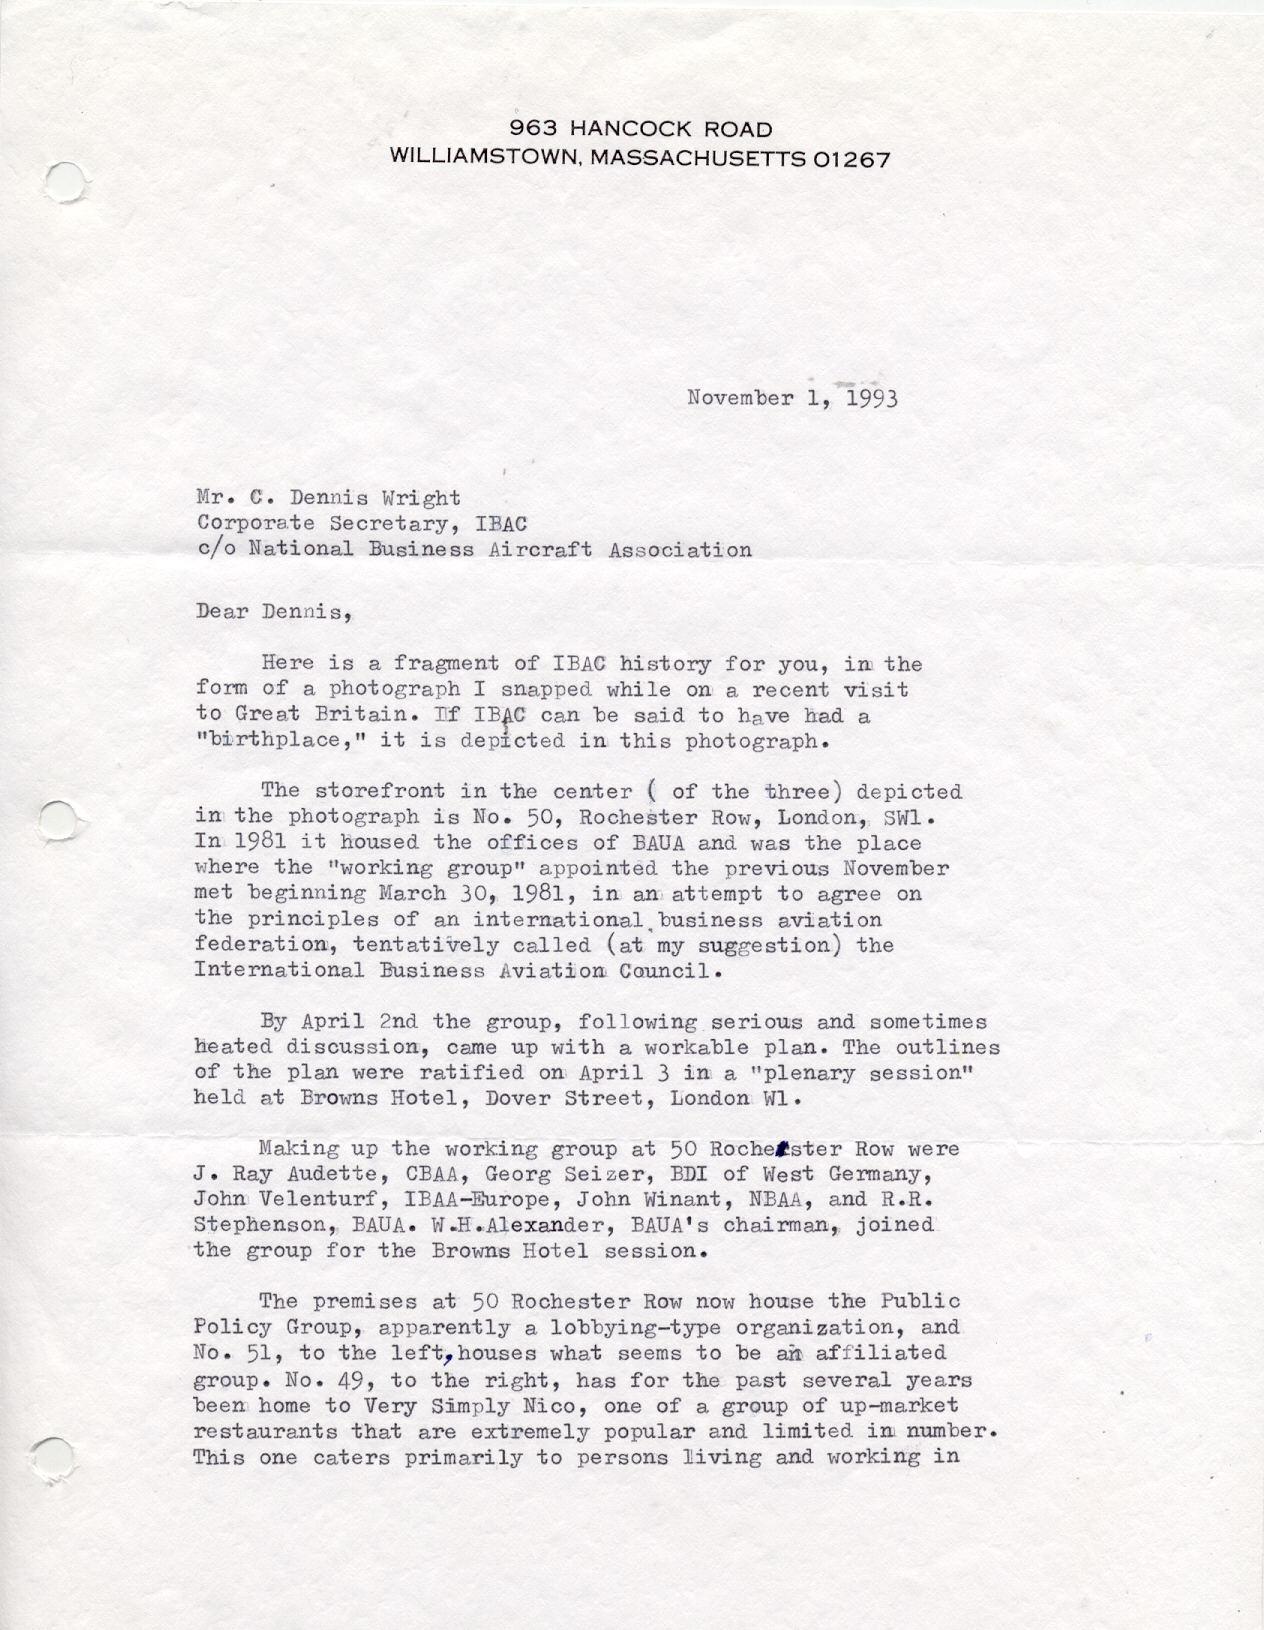 Winant Letter 1